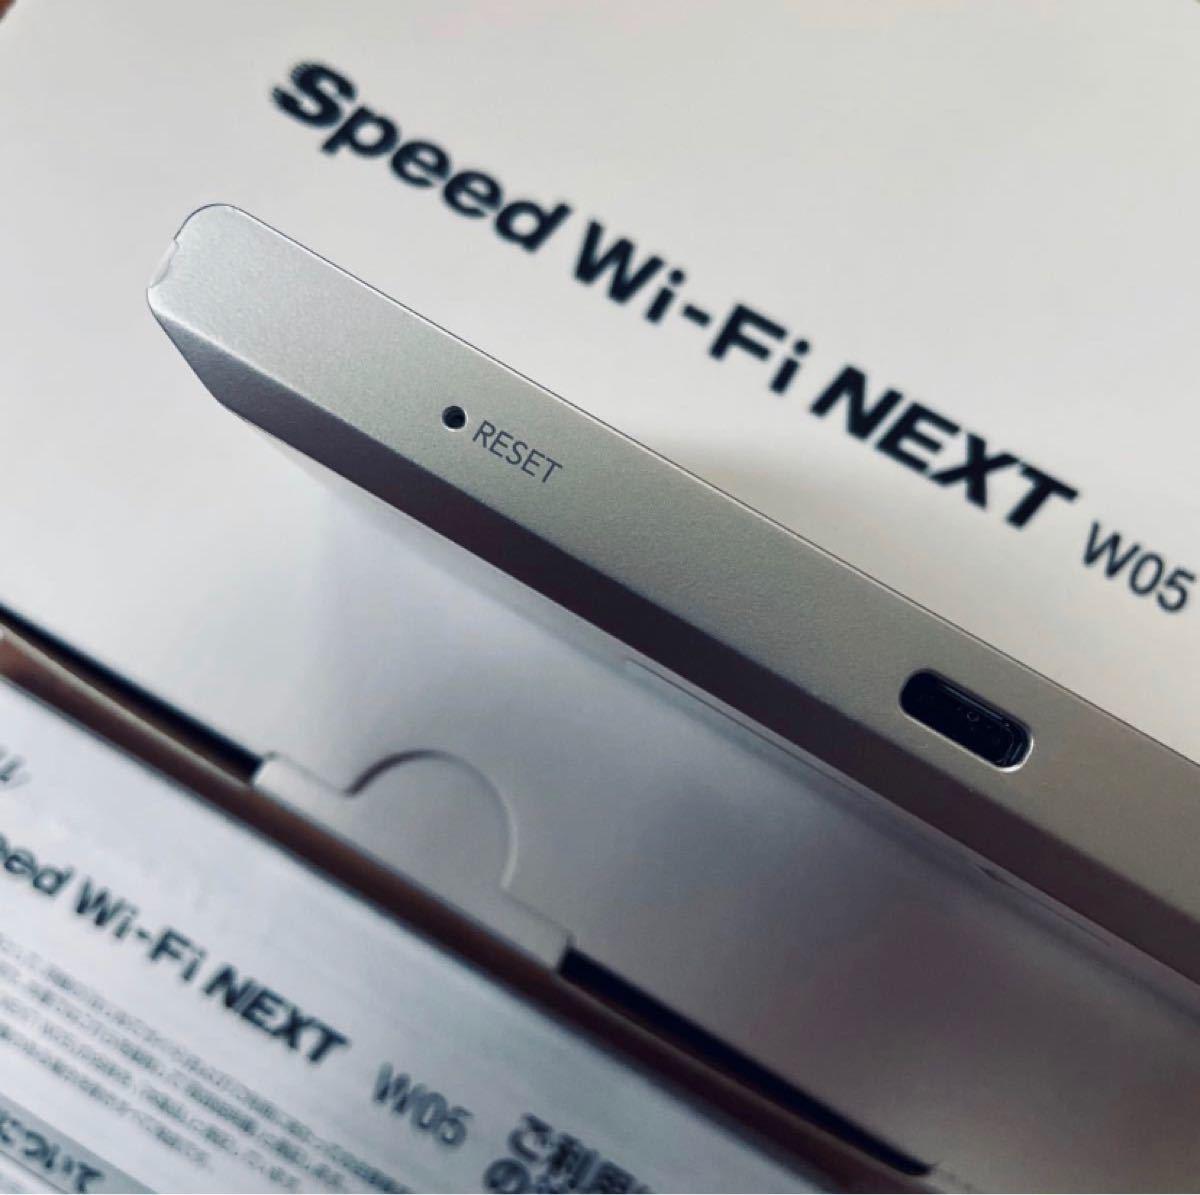 WiMAX 2+ Speed Wi-Fi NEXT W05 モバイルルーター